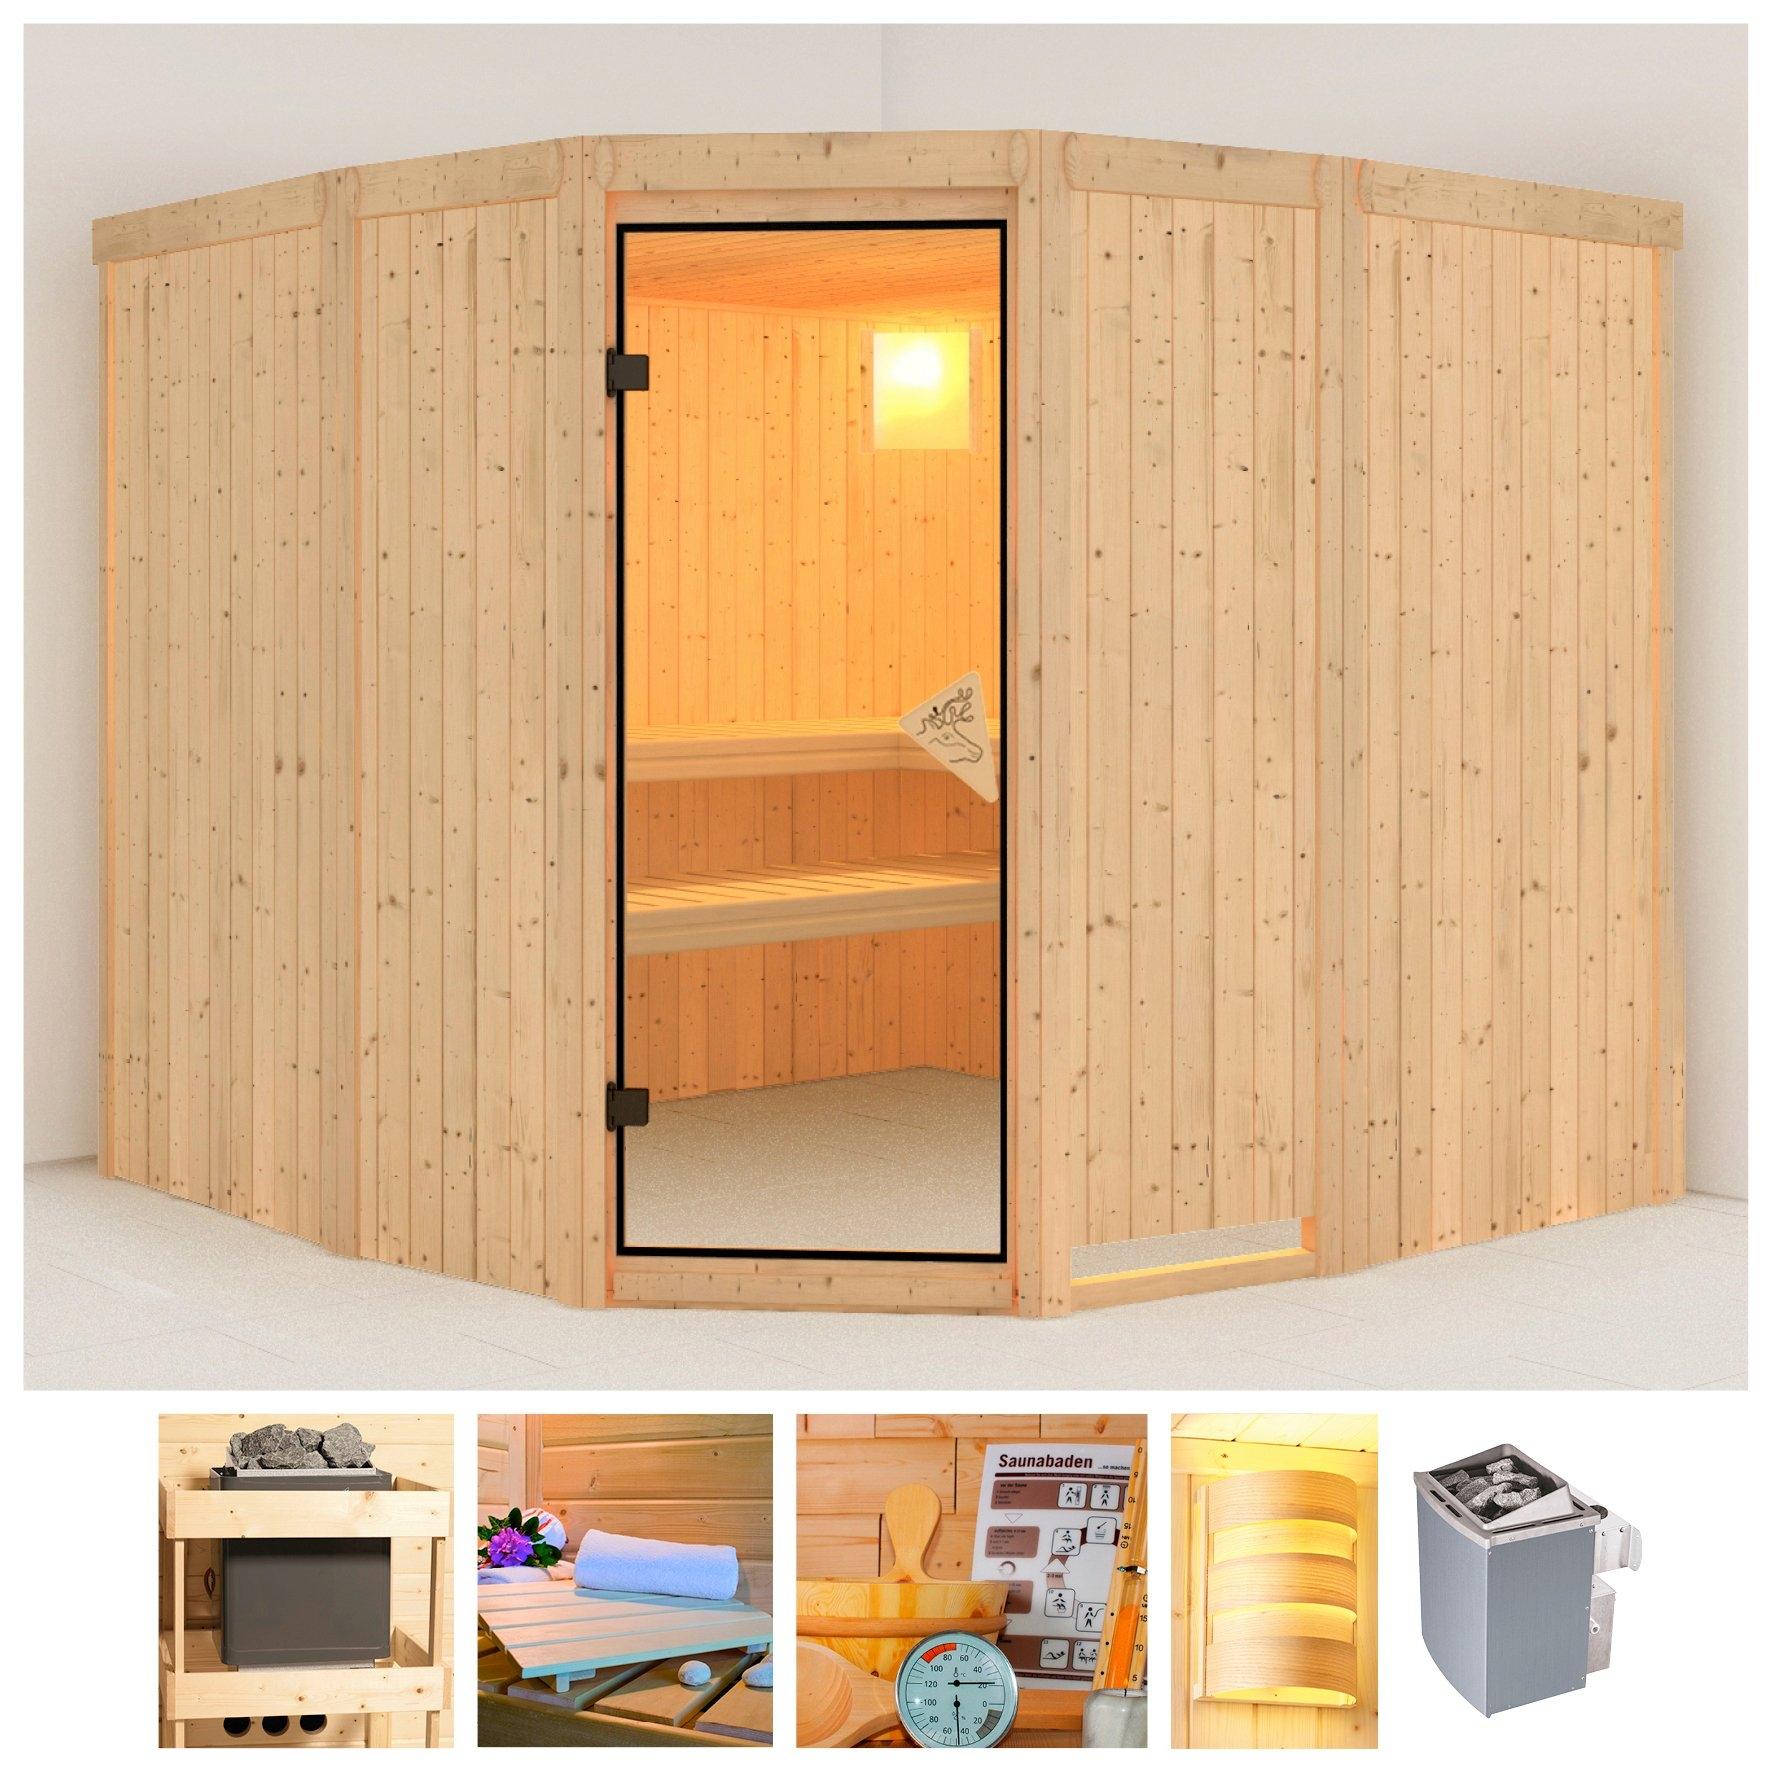 Konifera sauna »Simara 3«, 231x231x198 cm, 68 mm, 9-kW-Ofen mit int. Steuerung voordelig en veilig online kopen